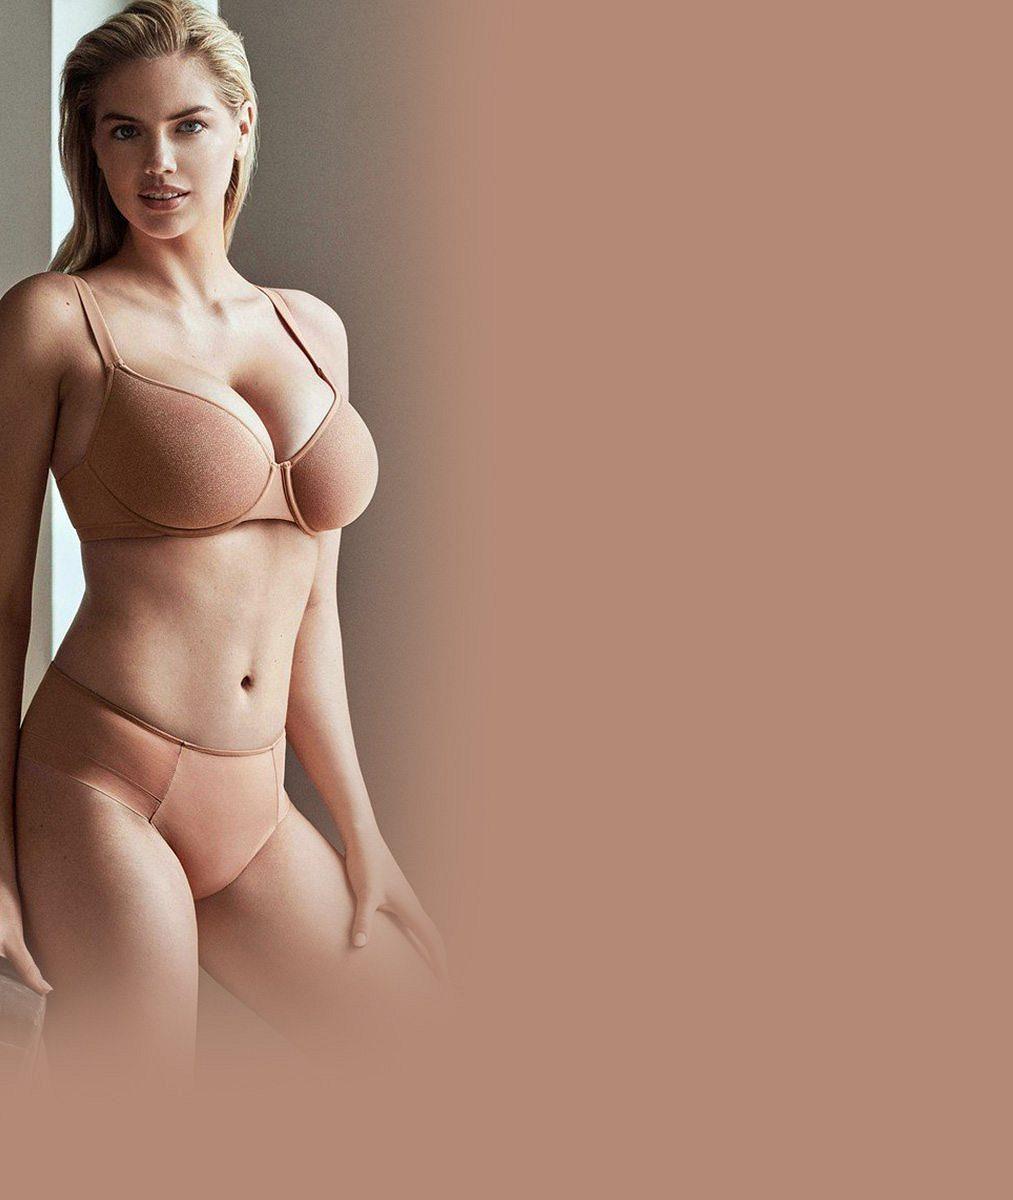 Modelka předvedla své přírodní pětky v prádle tělové barvy. Teď už ale její postava vypadá jinak